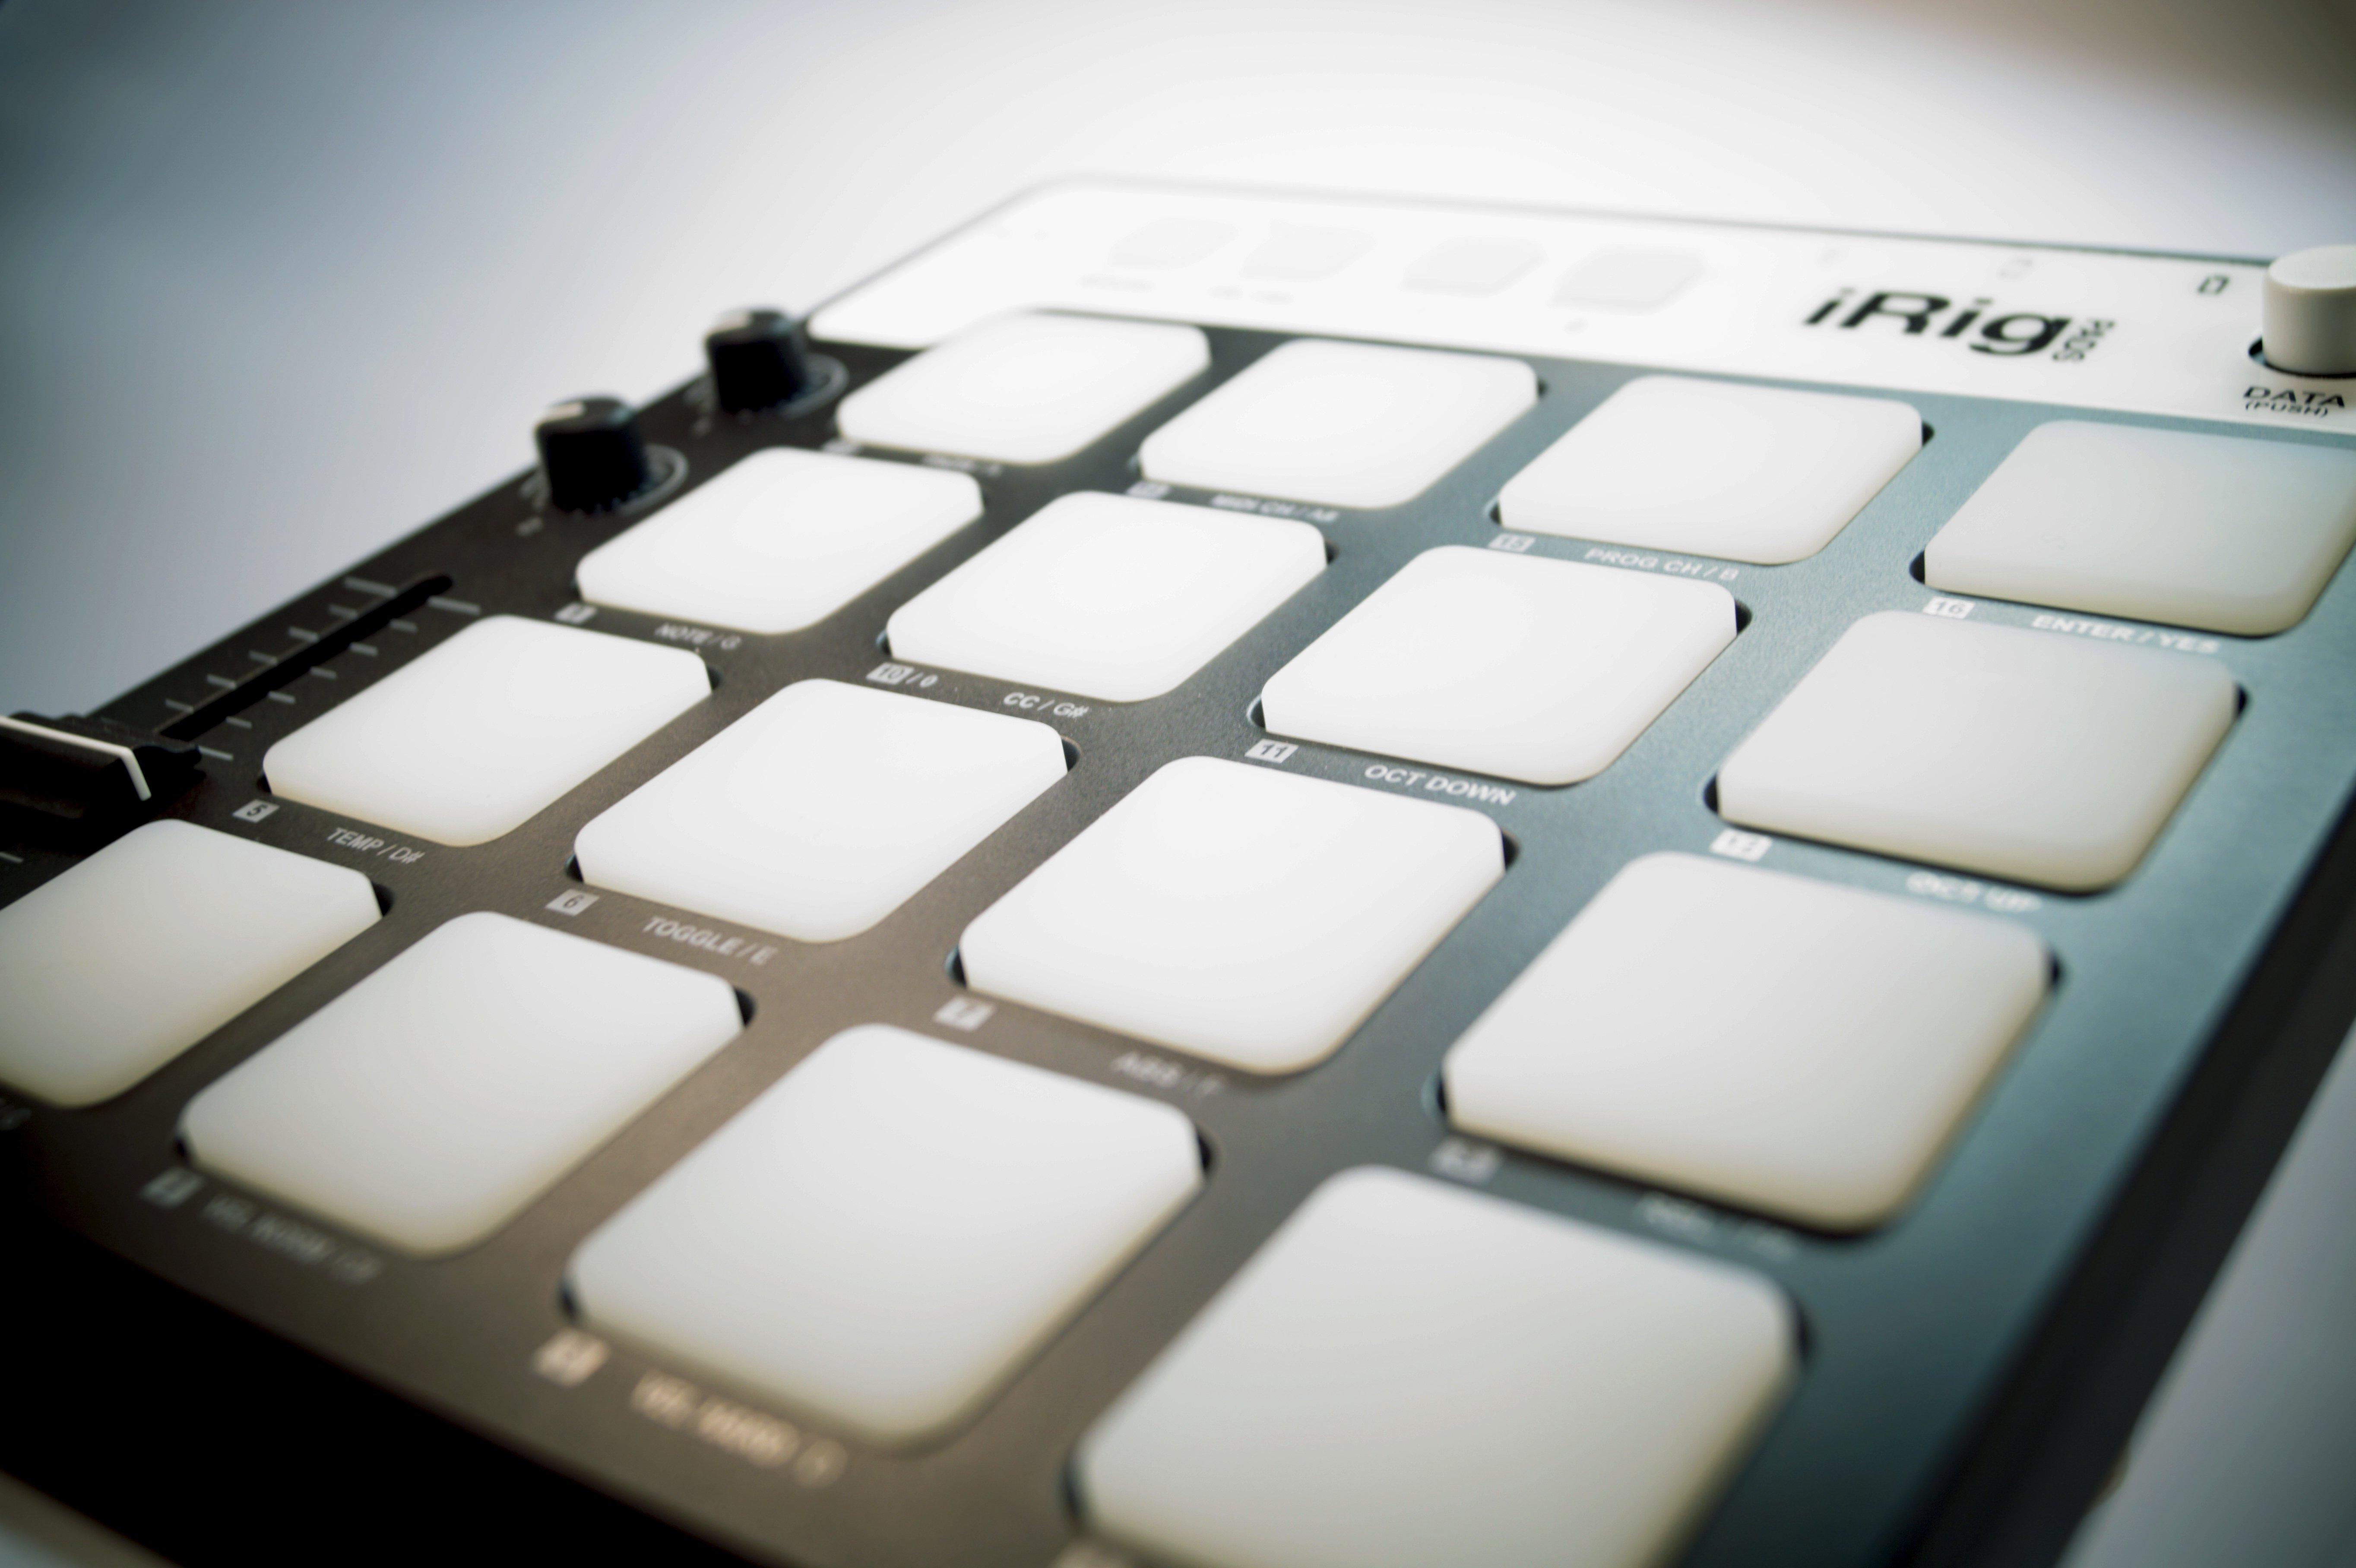 Recenzja iRig Pads - kompaktowego kontrolera MIDI współpracującego z iPadem 16